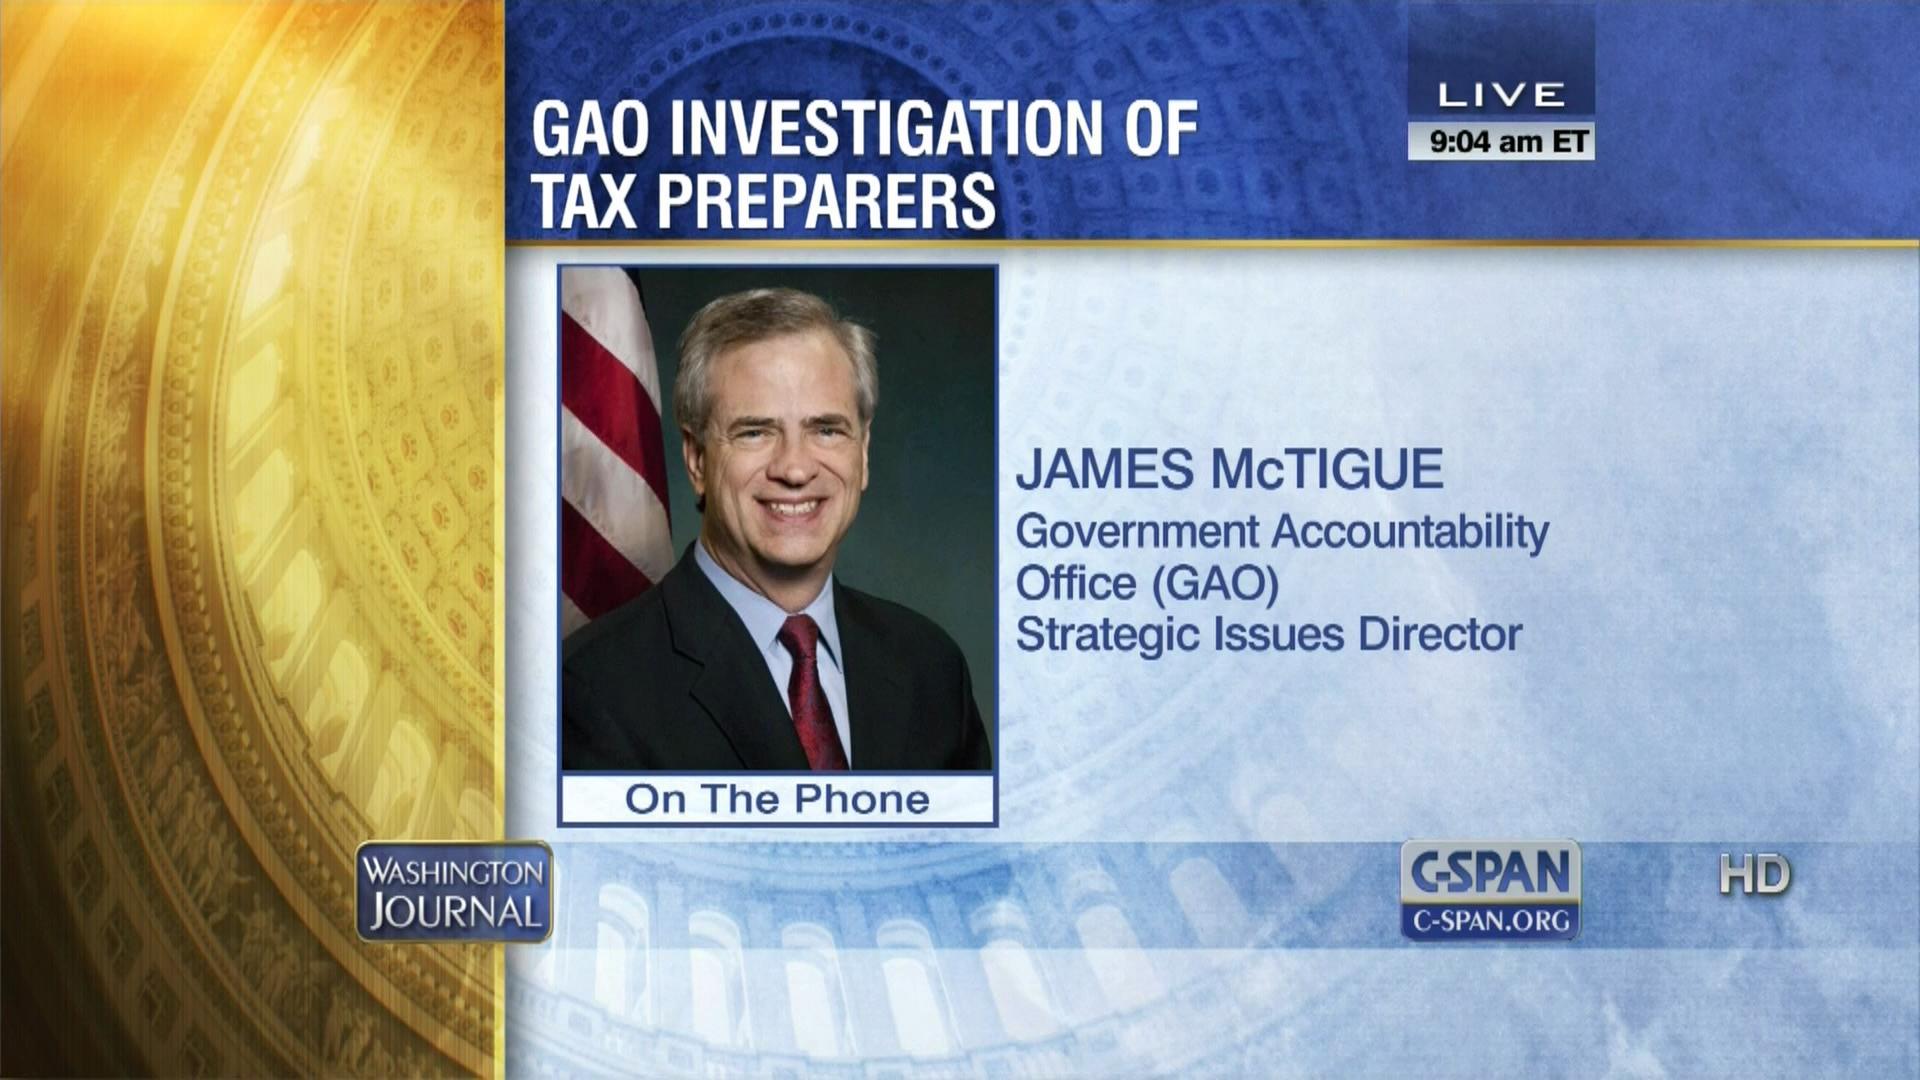 Government Accountability fice Tax Preparer Investigation Apr